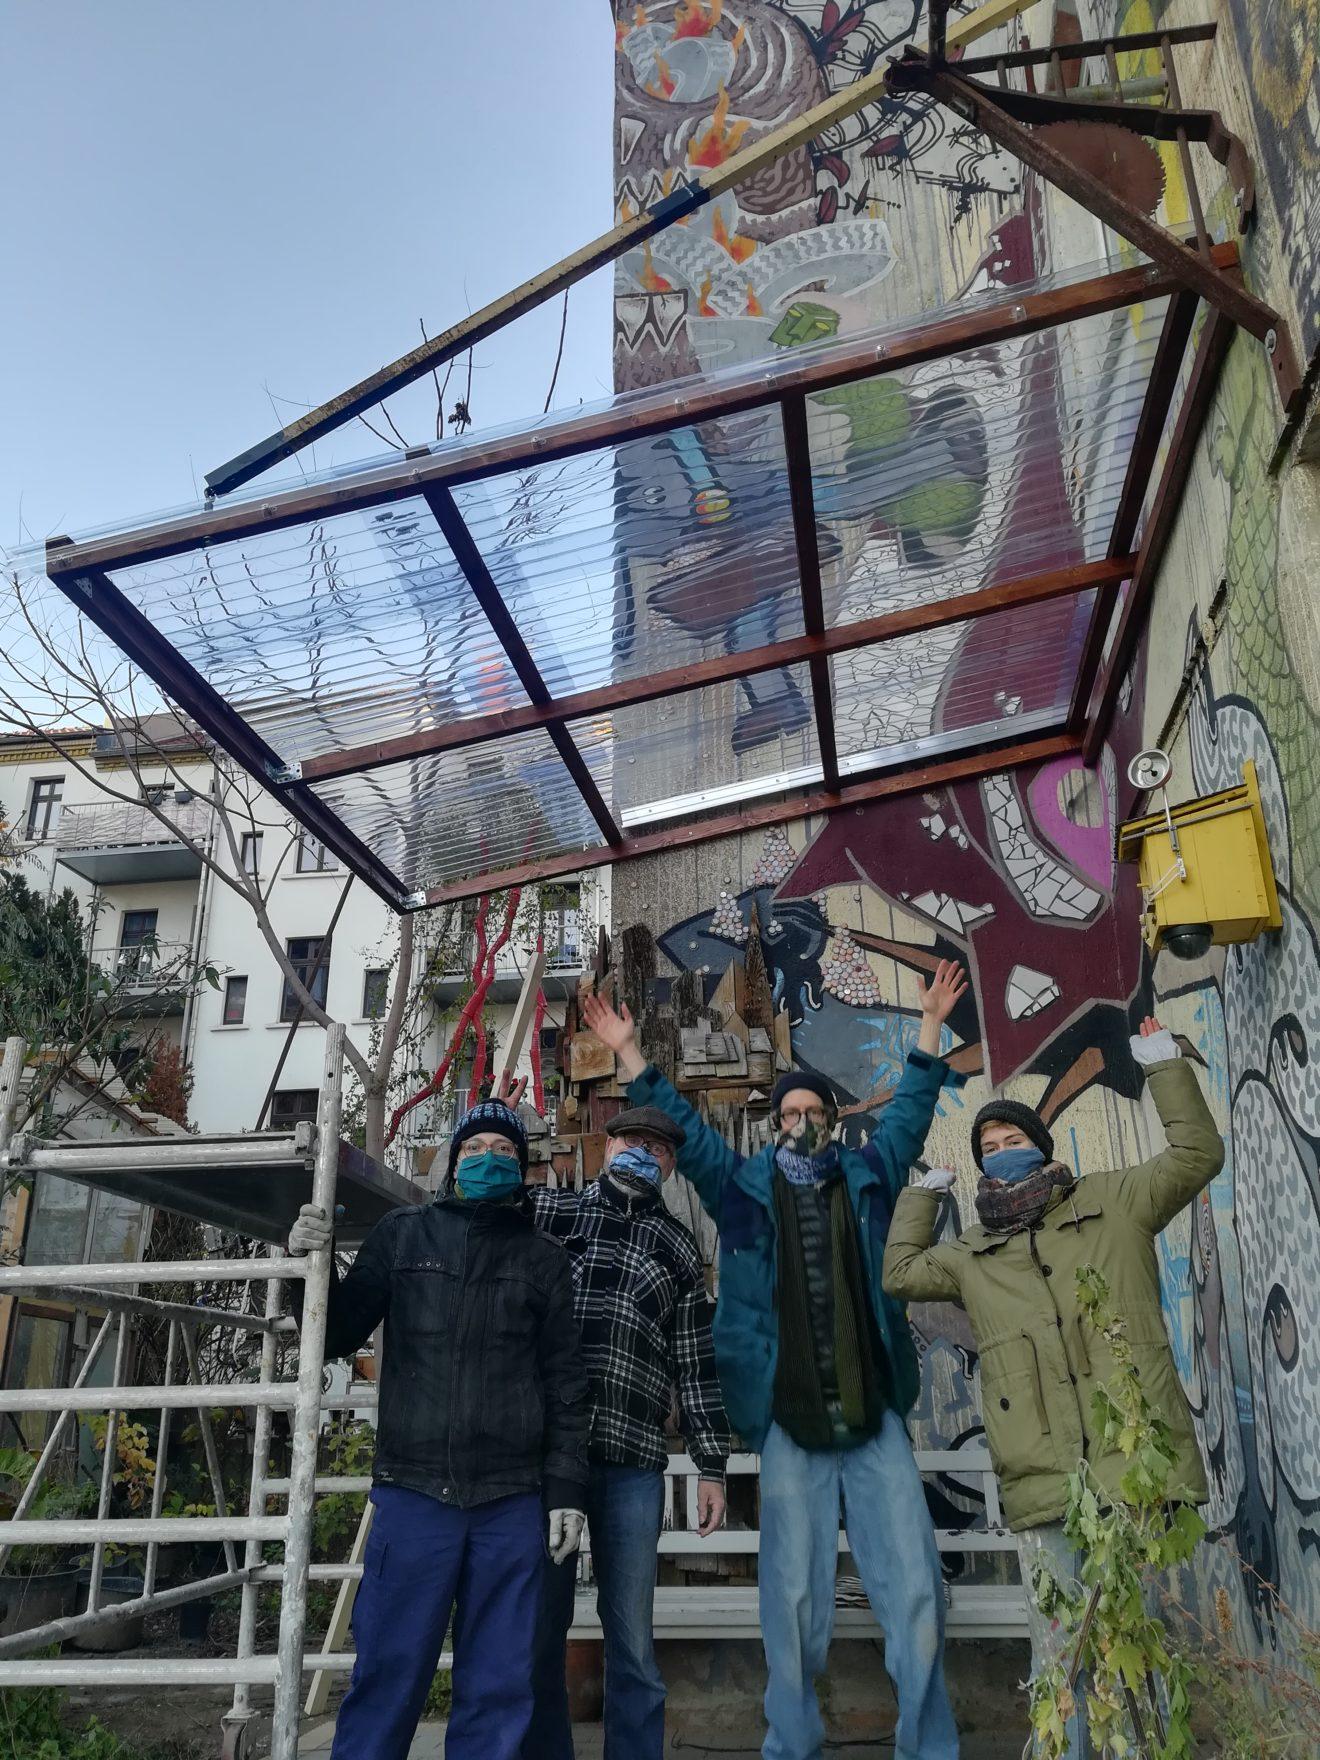 Bild: Pergola zum draußen Reparieren fürs Café kaputt